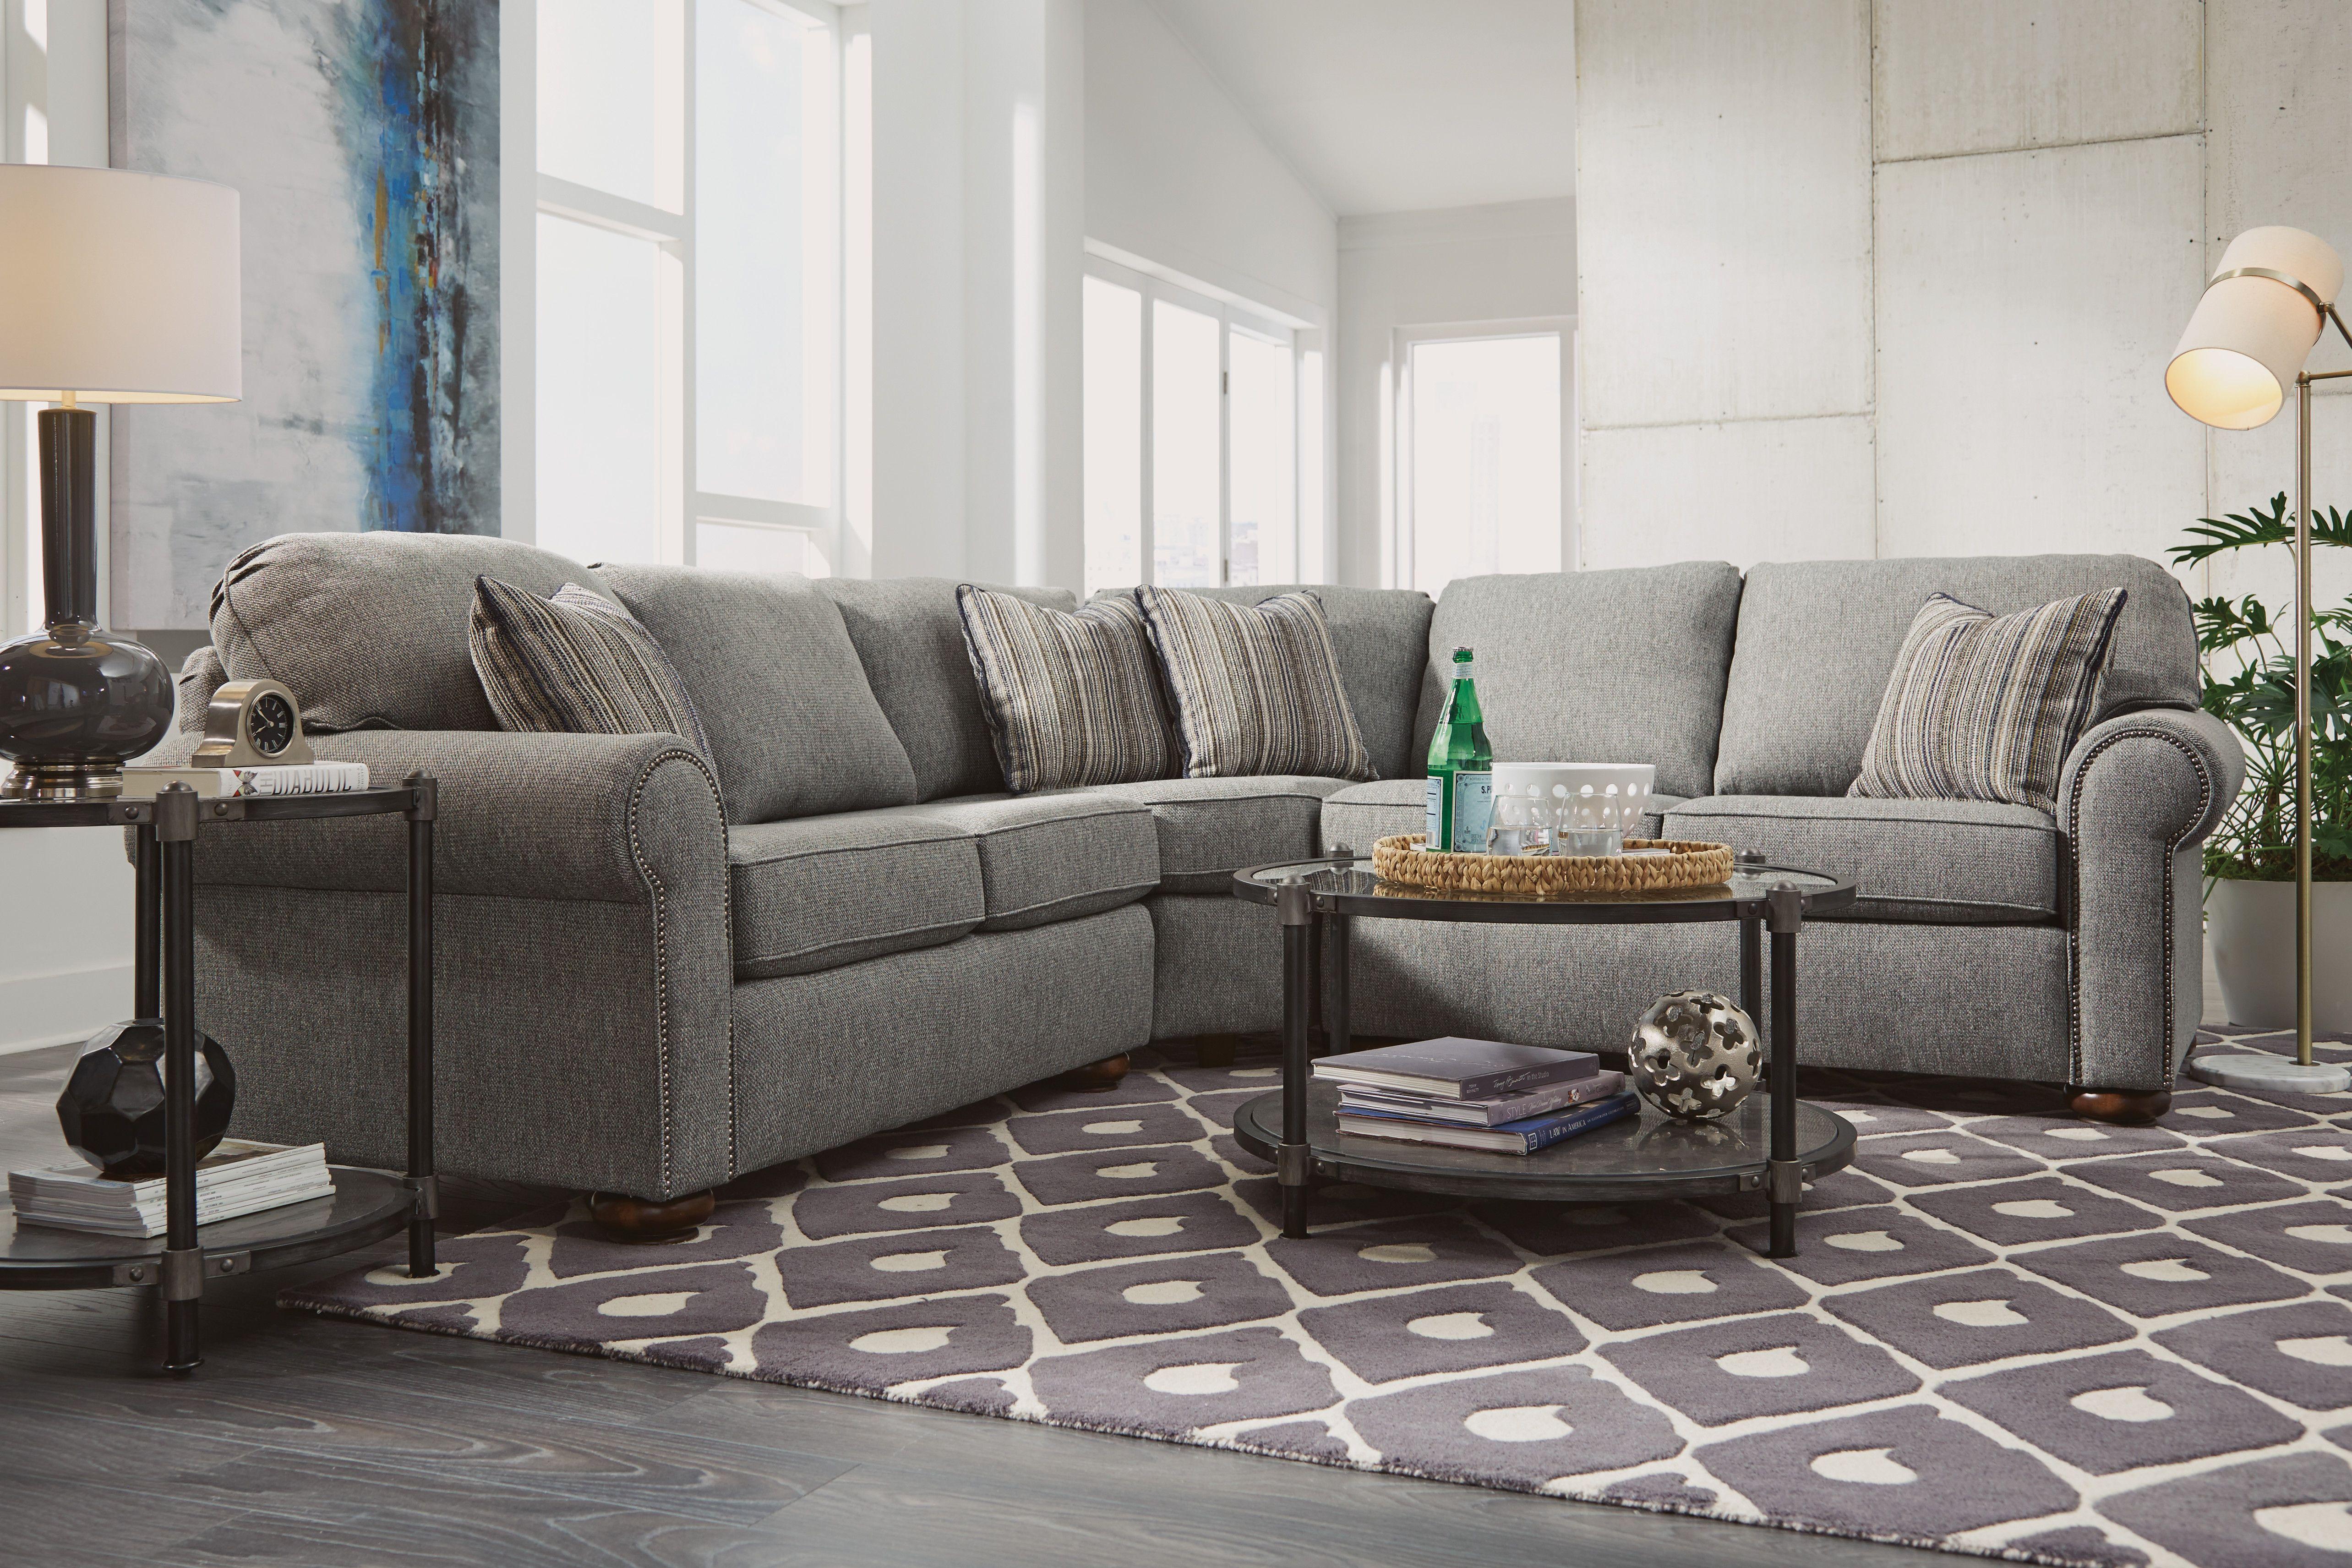 The Preston Sectional By Flexsteel Flexsteel Furniture Is